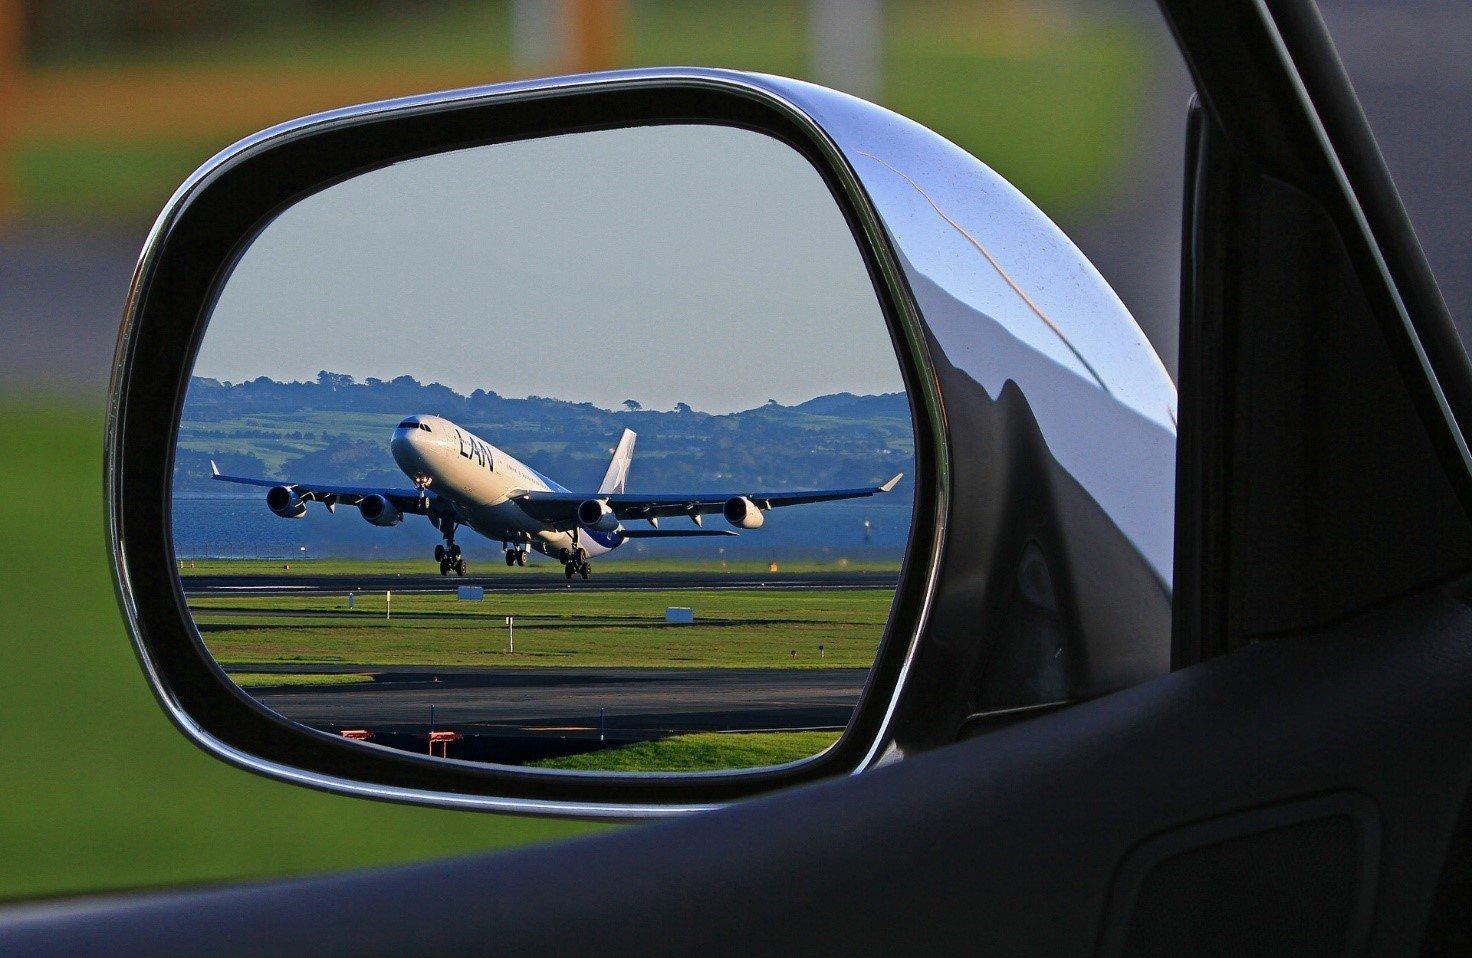 Come arrivar ein Sicilia - Tutti gli aeroporti e info necessarie